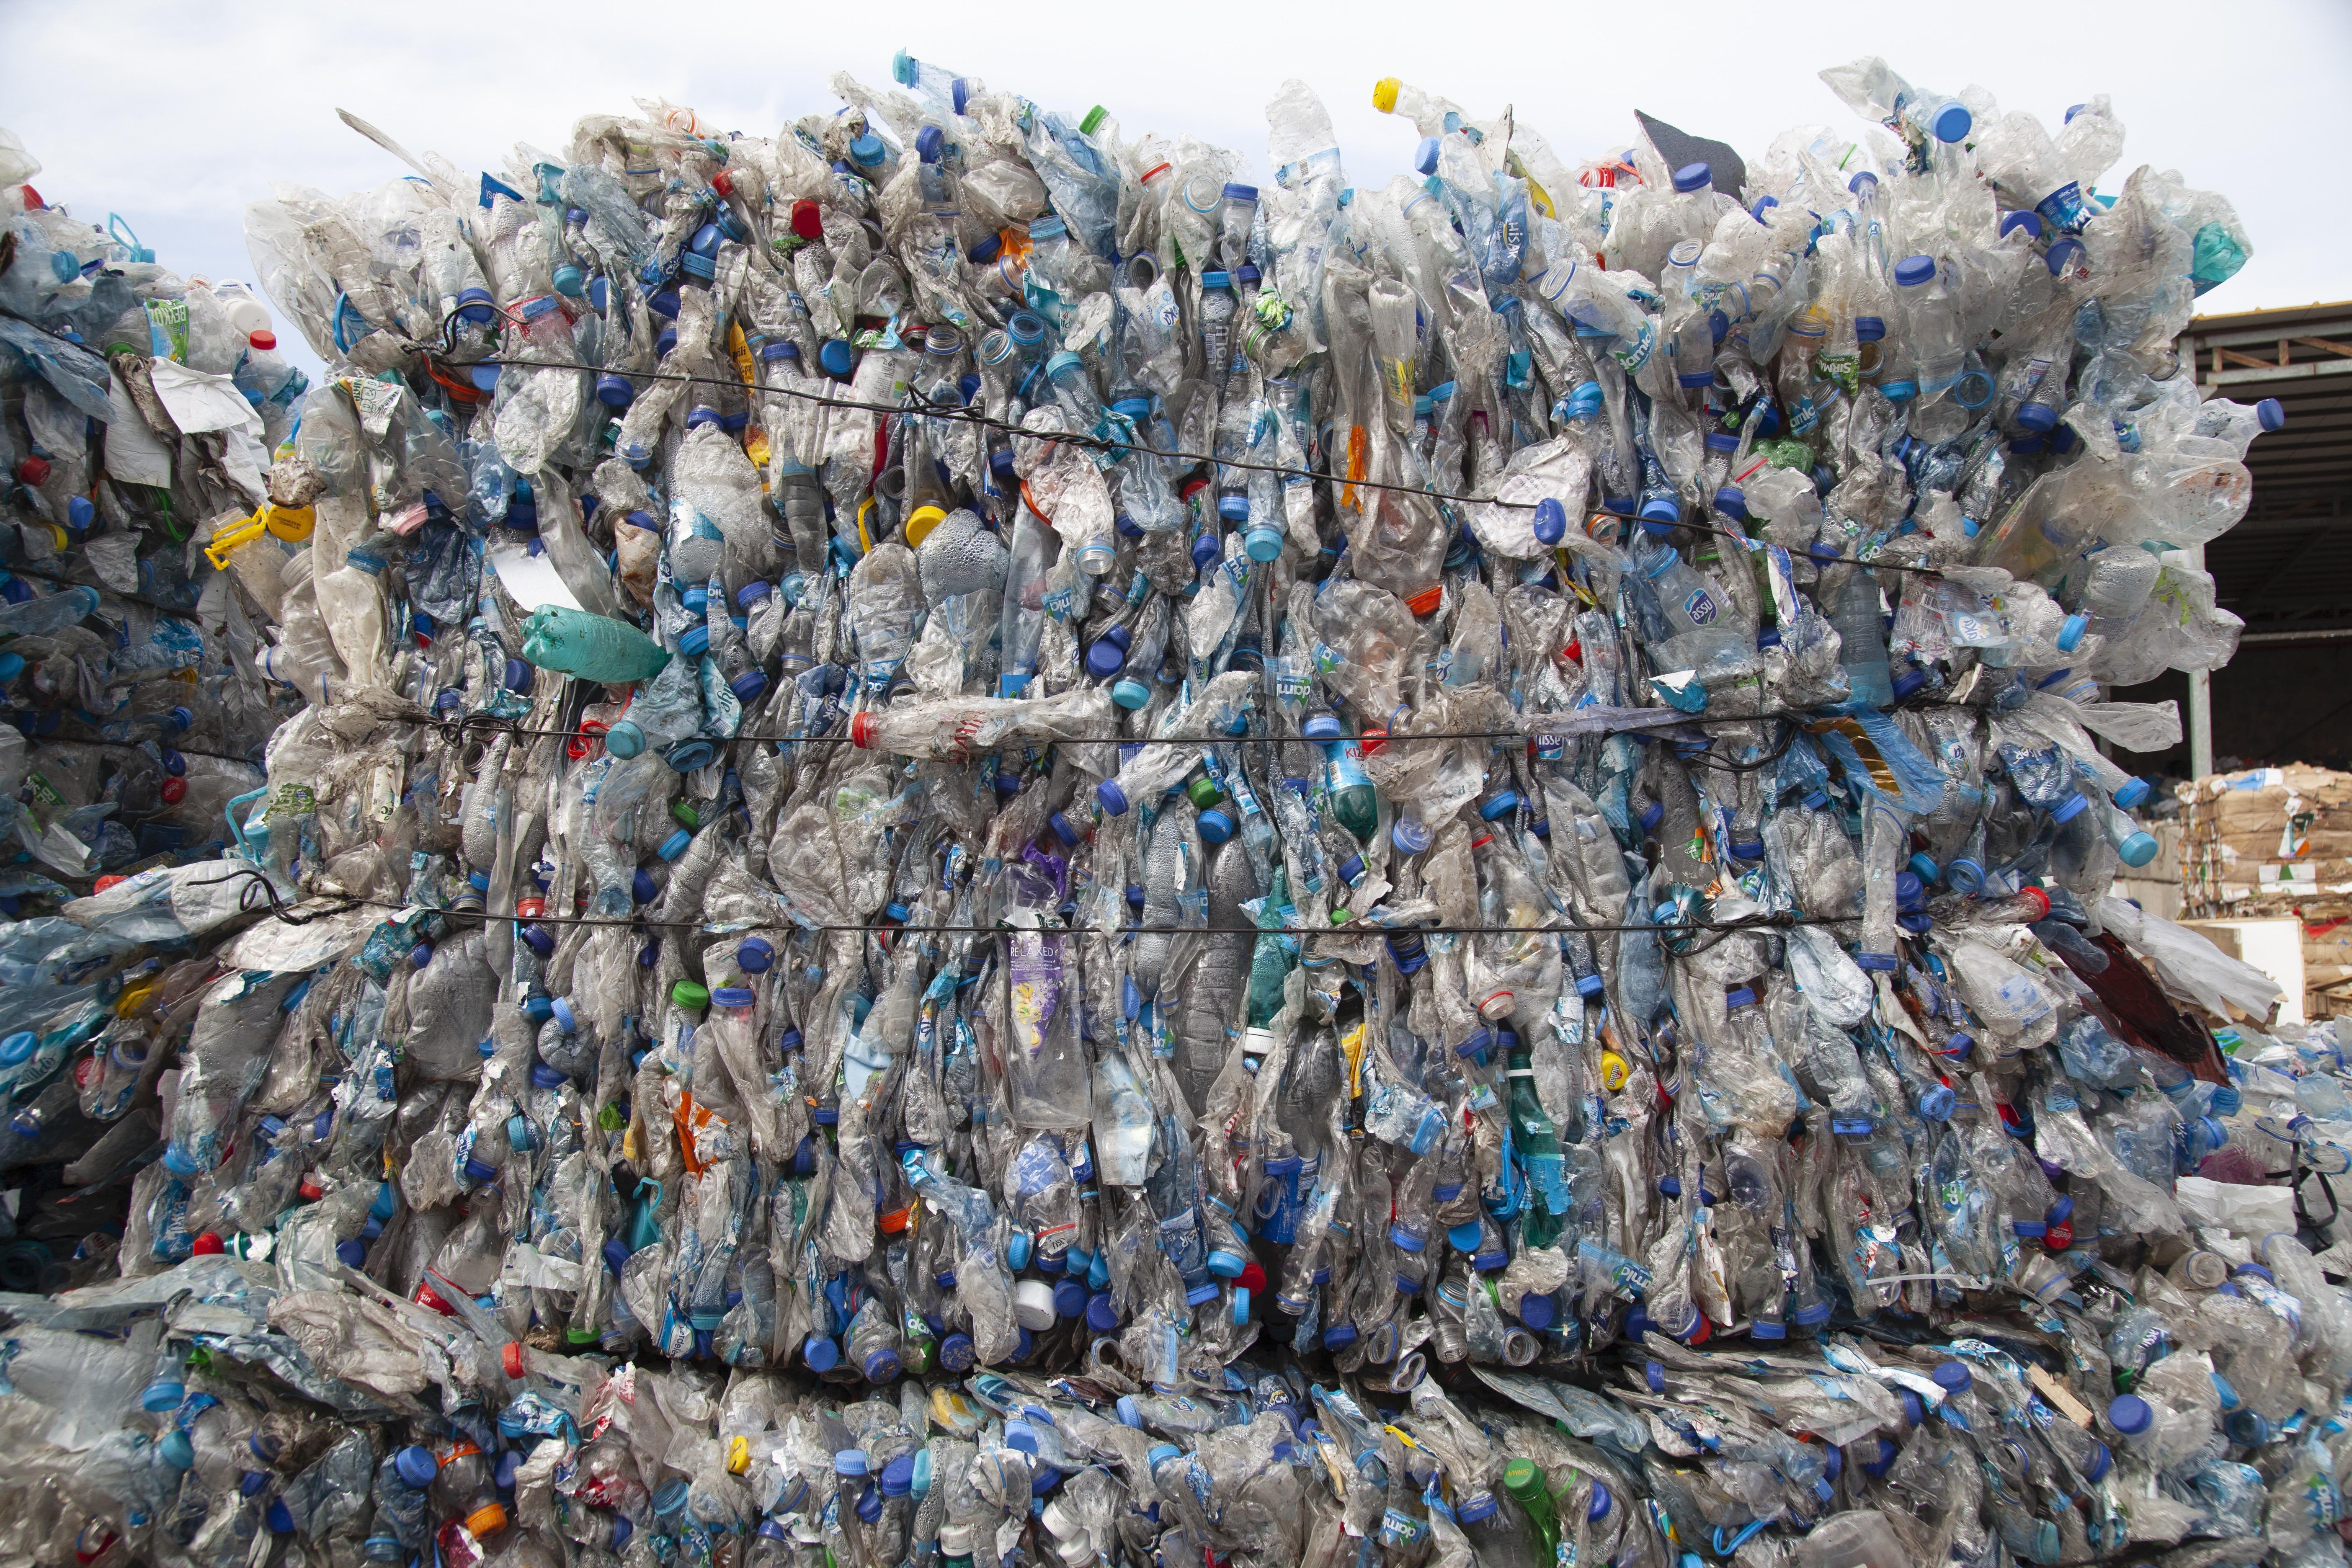 tomra sorting plastic penyapsan